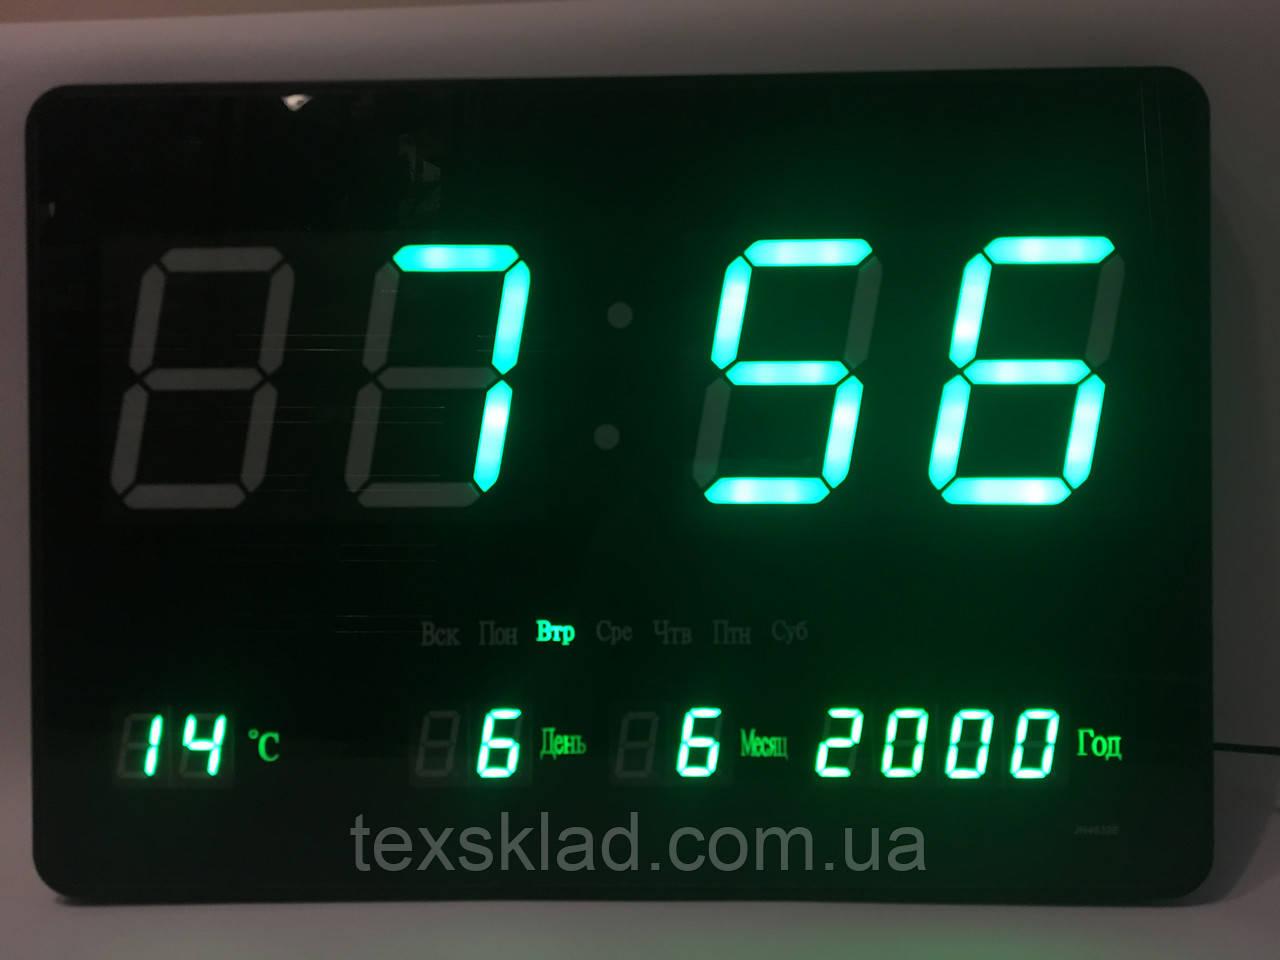 Настенные электронные часы JH-4632 green (46x32см Руское меню) - «ТЕХСКЛАД acfad695cbc